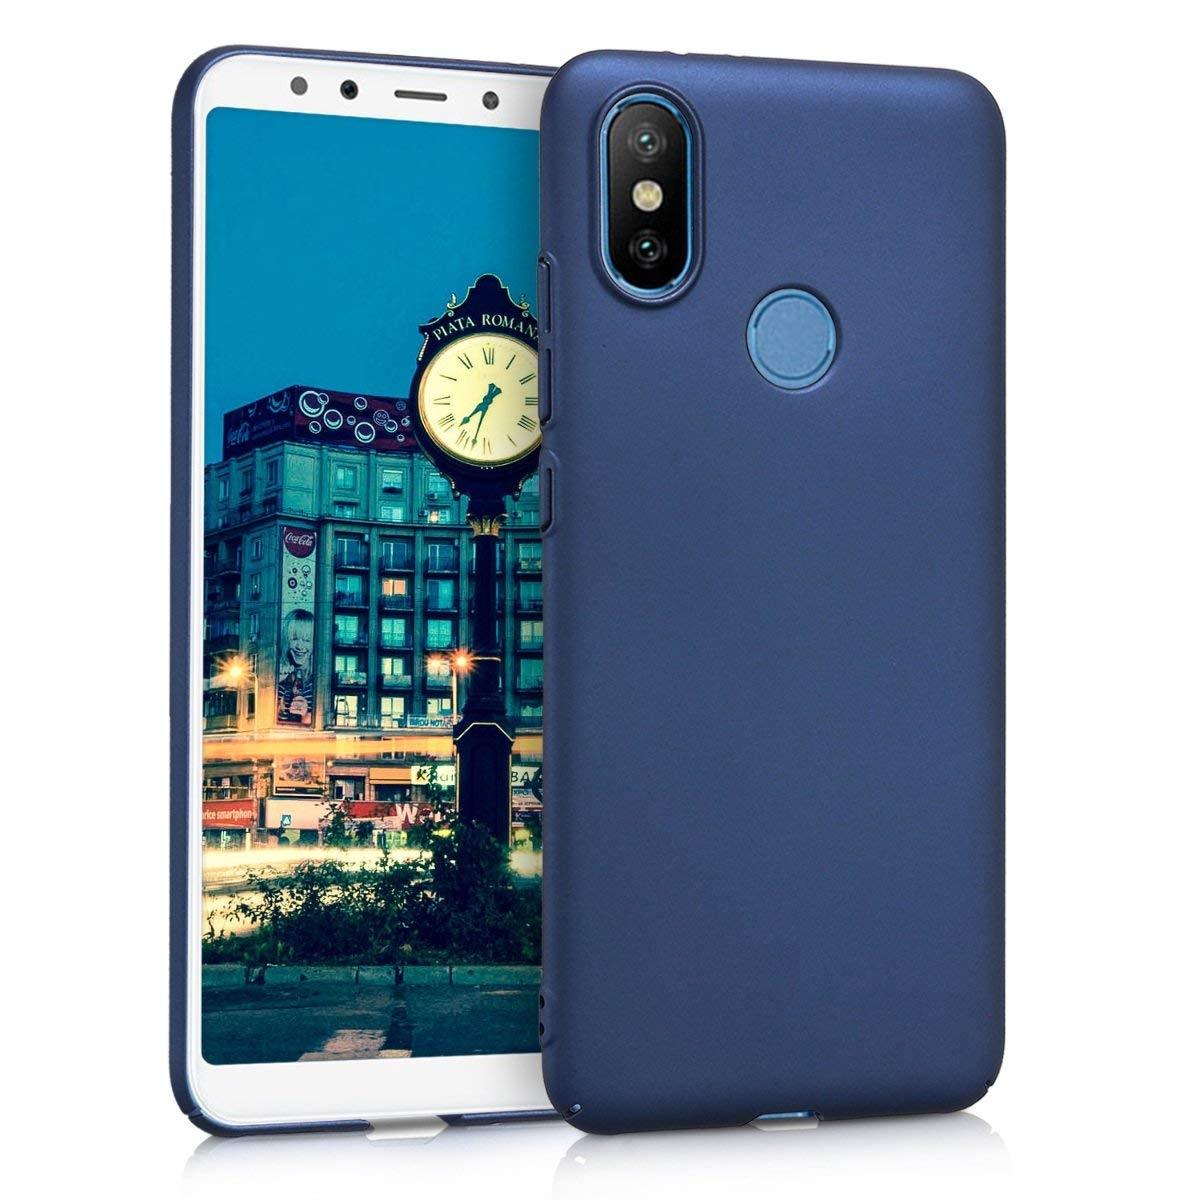 KW Σκληρή Θήκη Xiaomi Mi A2 / Mi 6X - Dark Blue Matte (45071.53)